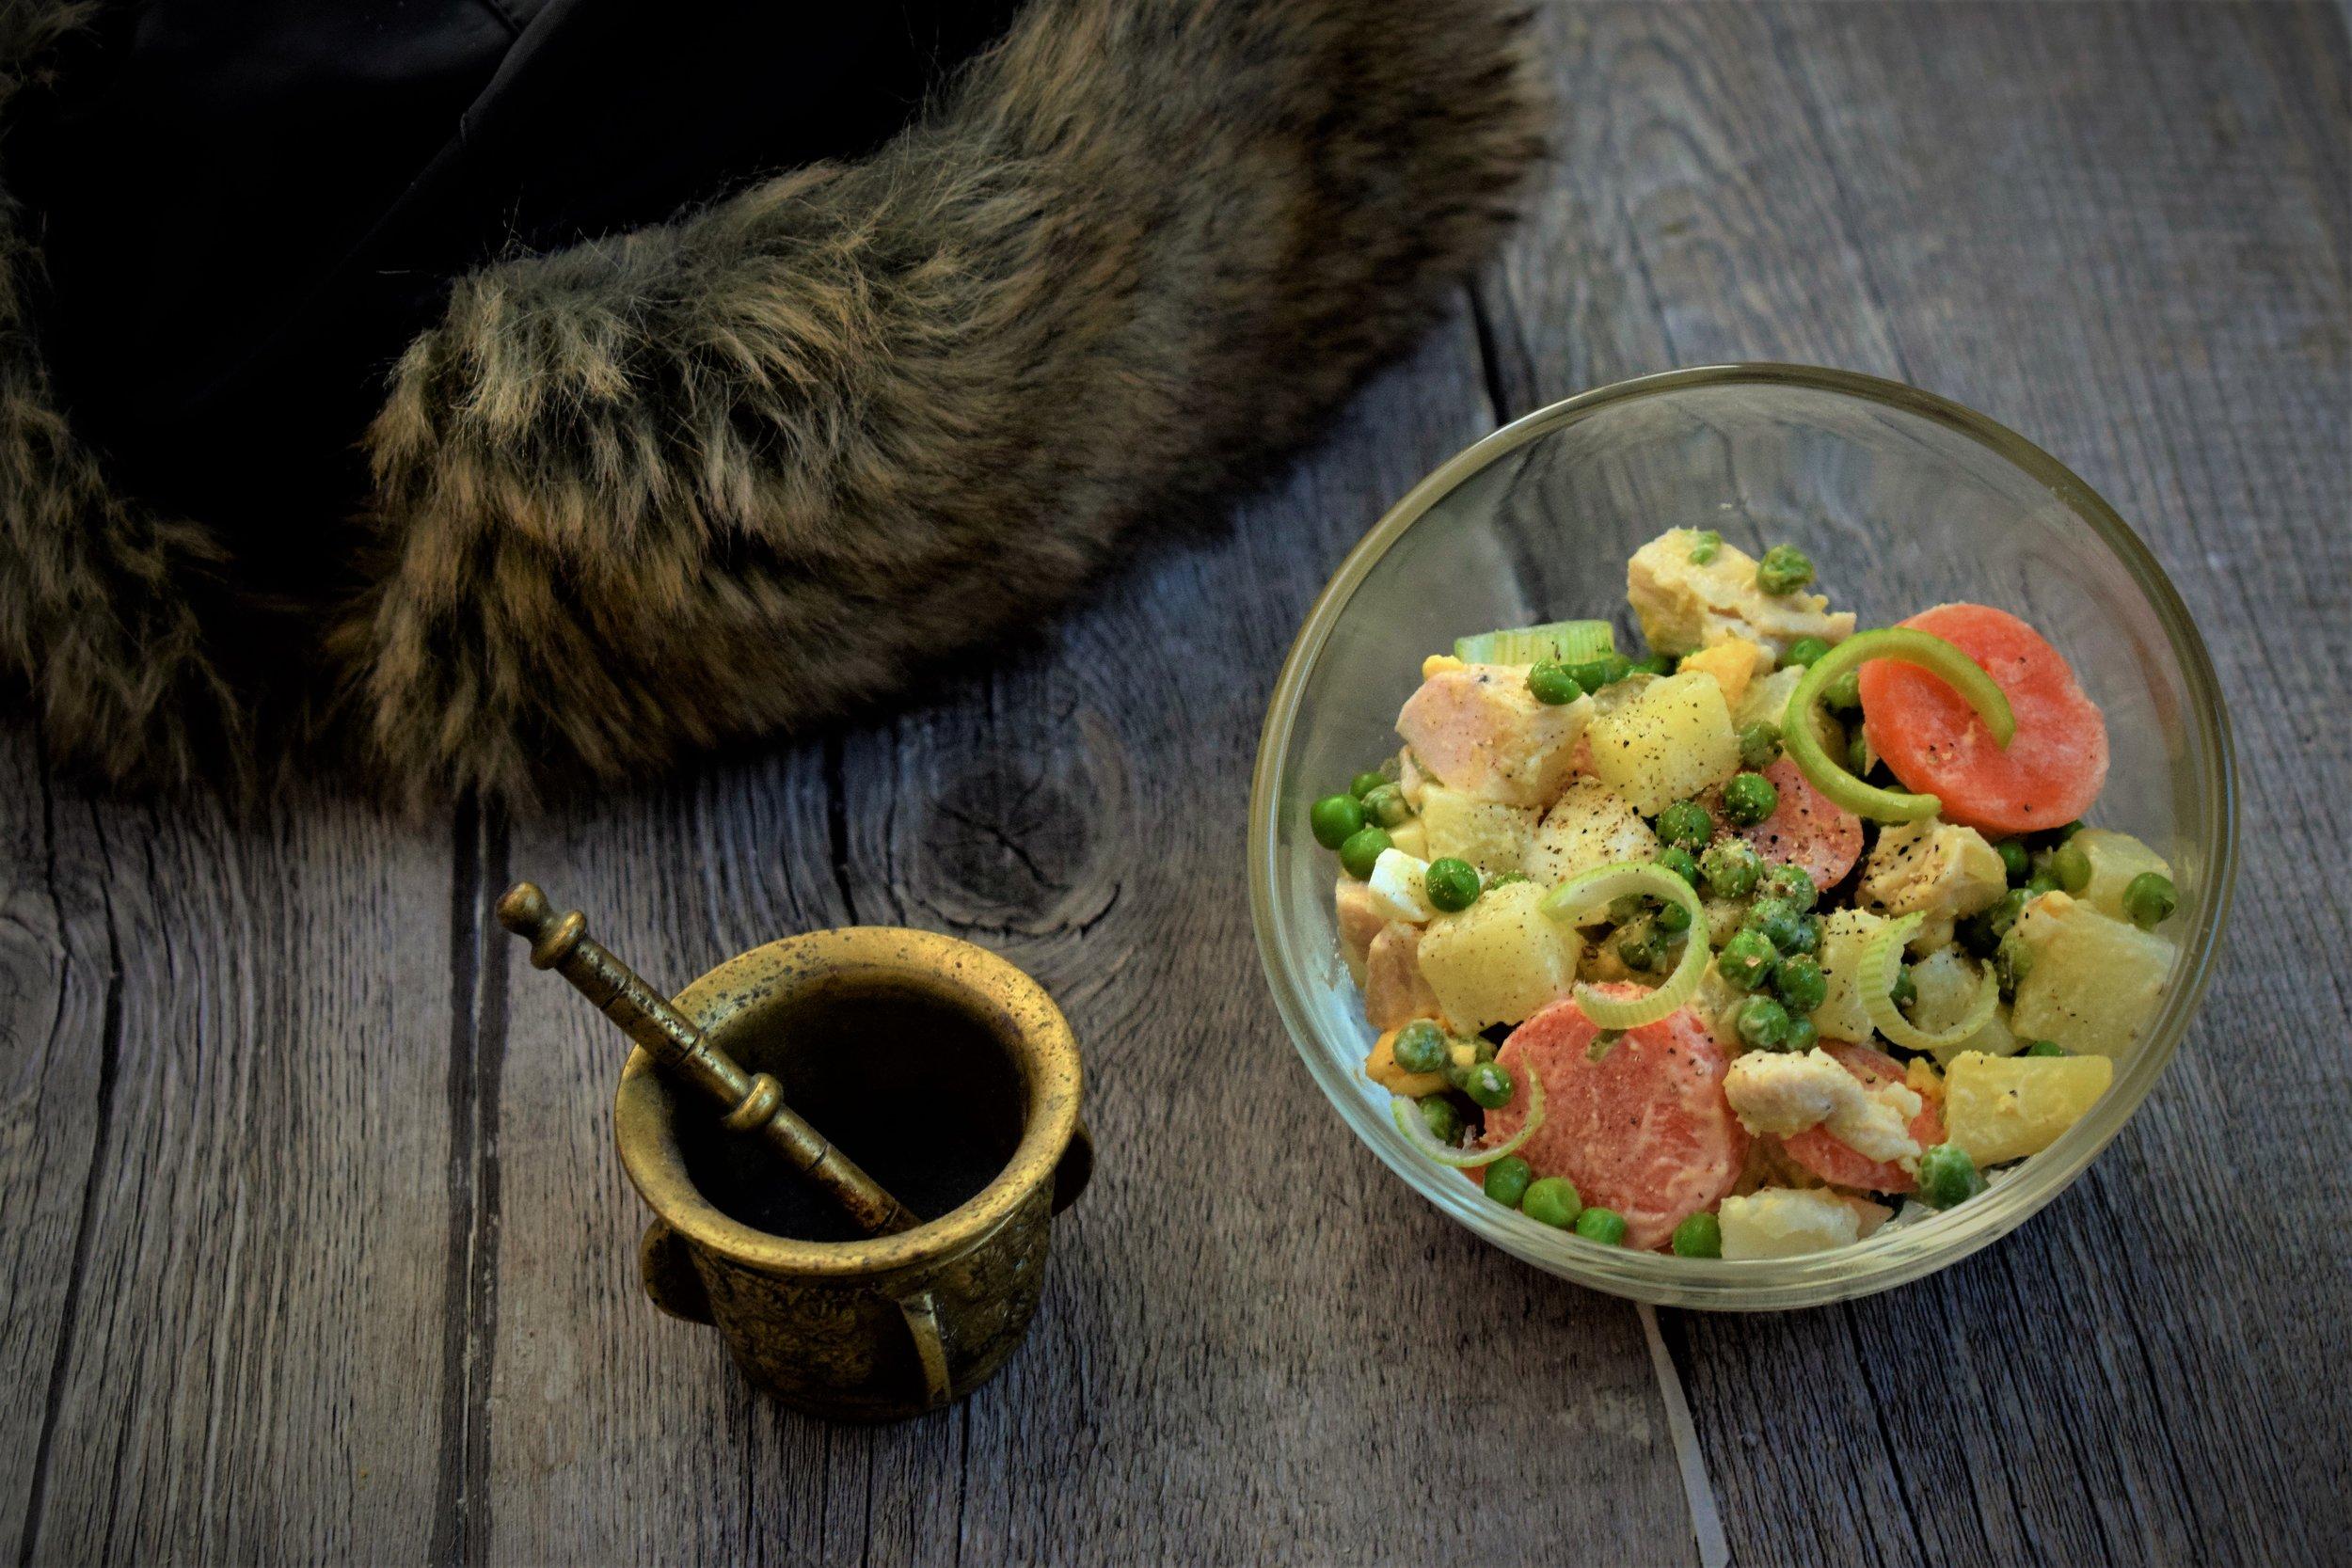 salade russe LCI Cyril Rouquet-Prévost